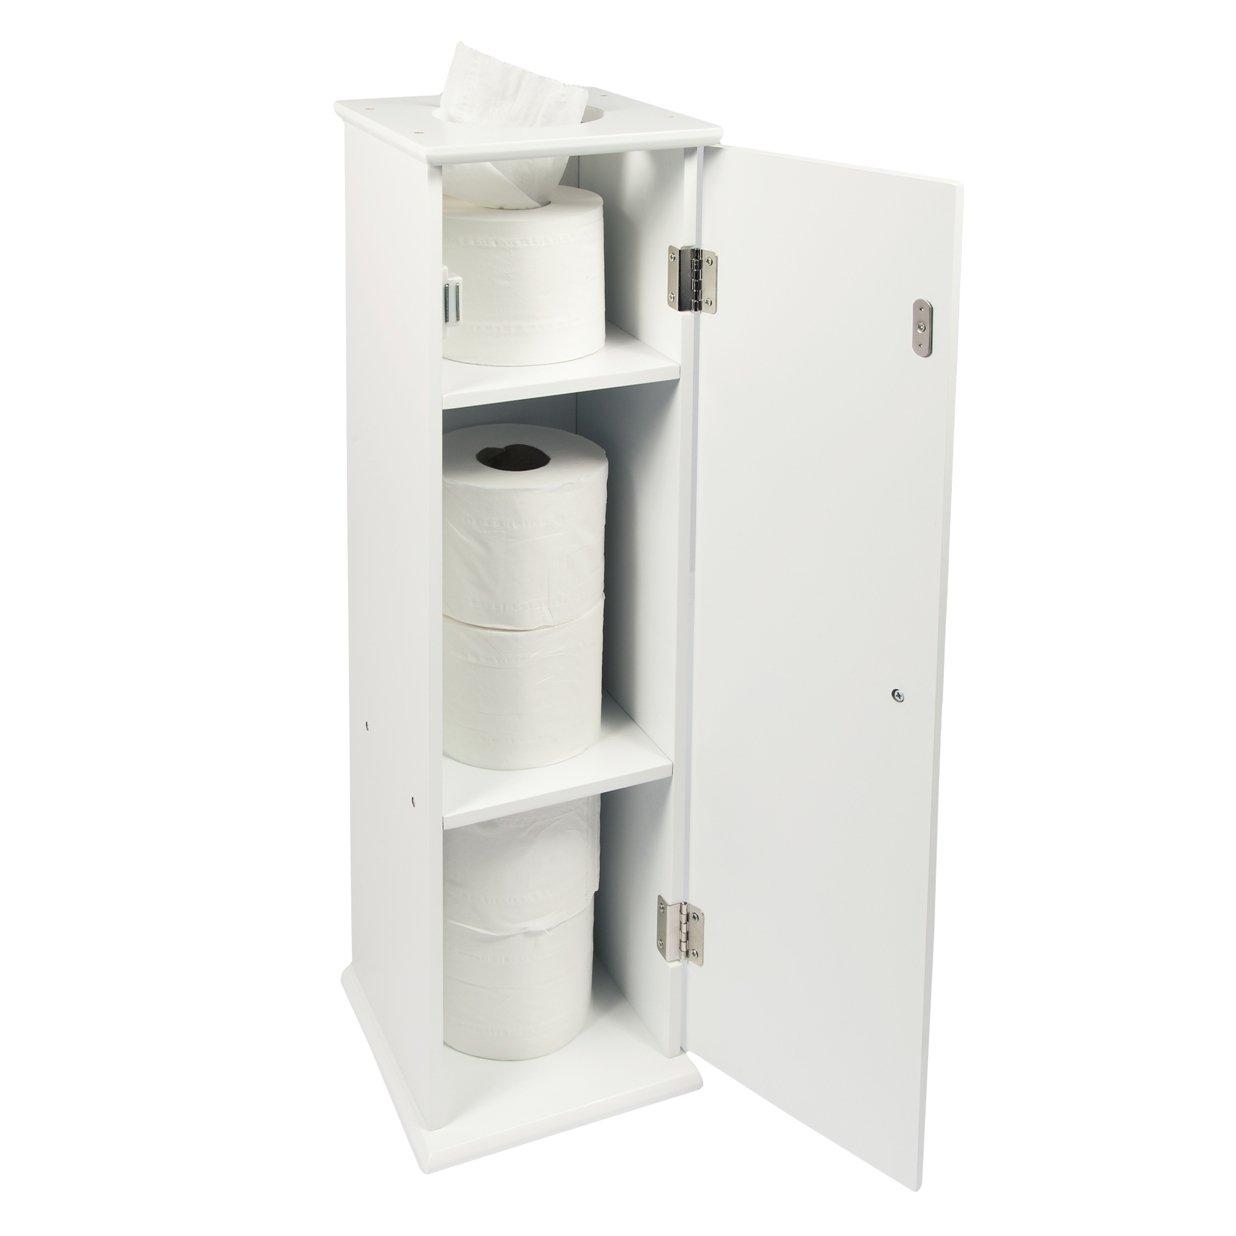 Toilettenpapier Aufbewahrung woodluv holz boden stand wc seidenpapier rolle halter badezimmer